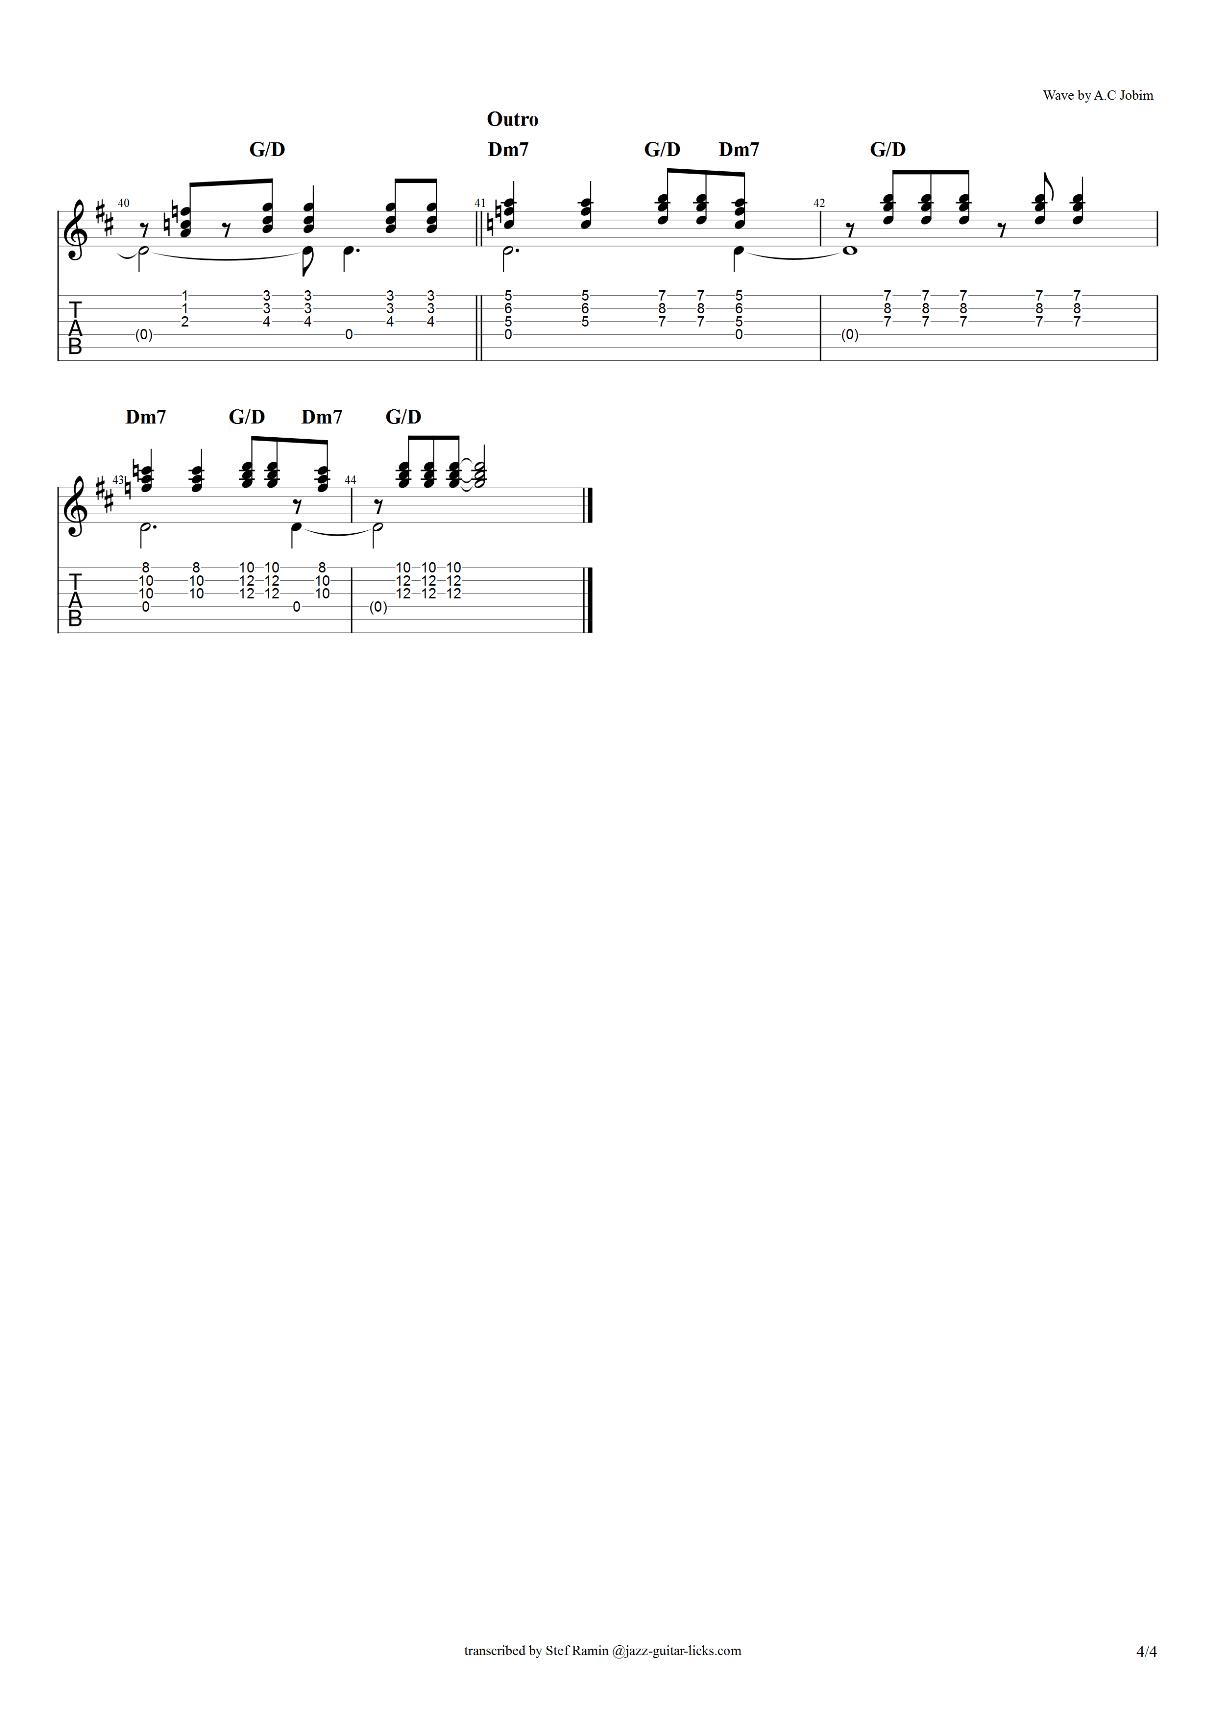 Wave a c jobim guitar tabs 4